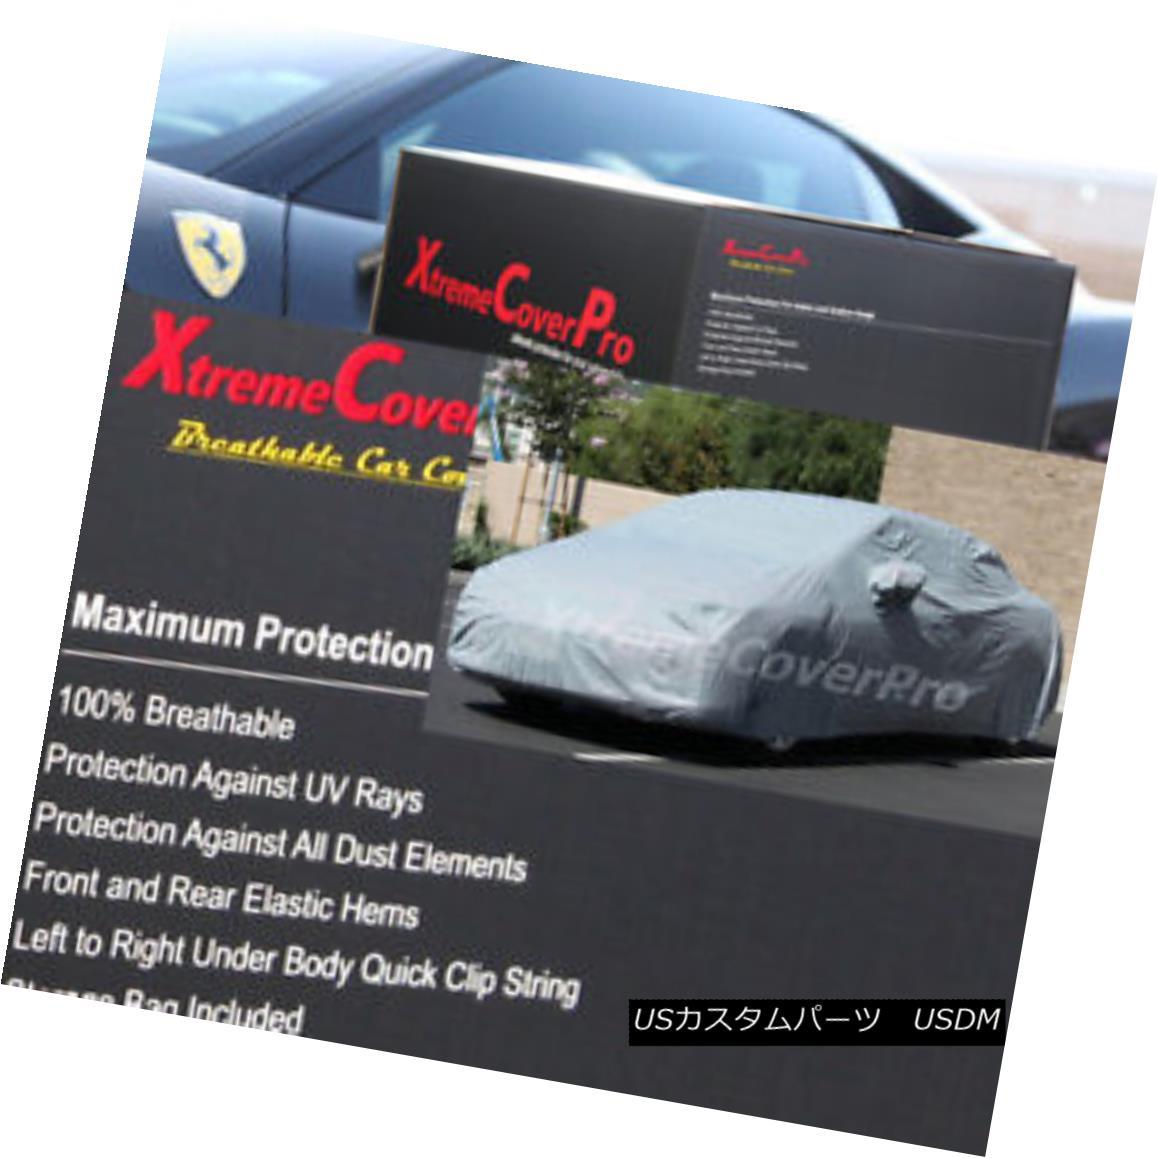 カーカバー XTREMECOVERPRO Breathable Car Cover w/MirrorPocket Grey Ni Alti 01 Coupe XTREMECOVERPRO通気性のある車カバー付き/ MirrorPocketグレーNi Alti 01クーペ